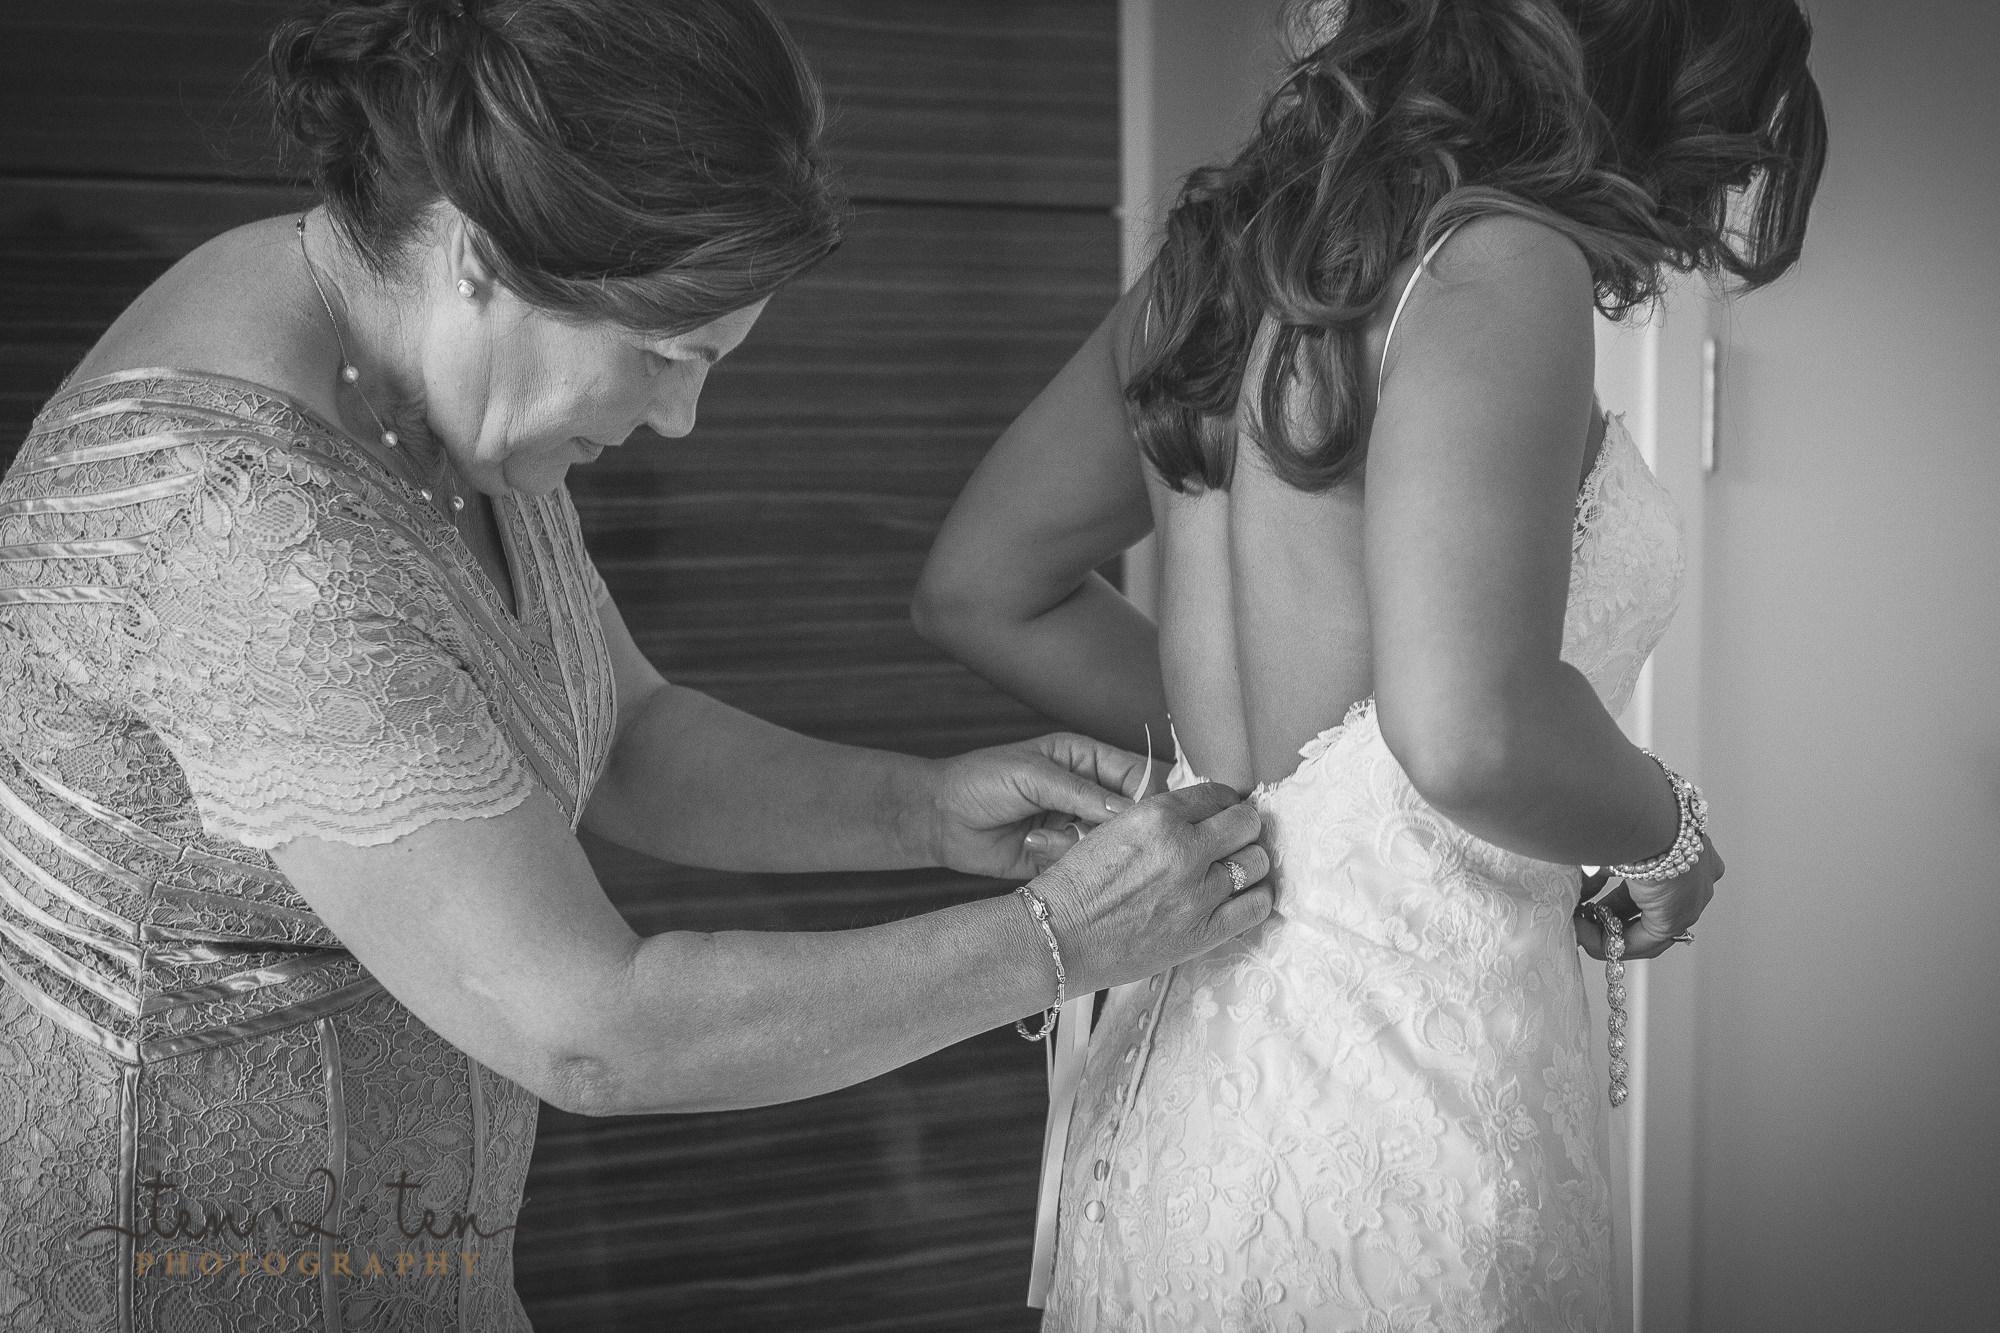 mildreds temple kitchen wedding photos 46 - Mildred's Temple Kitchen Wedding Photos